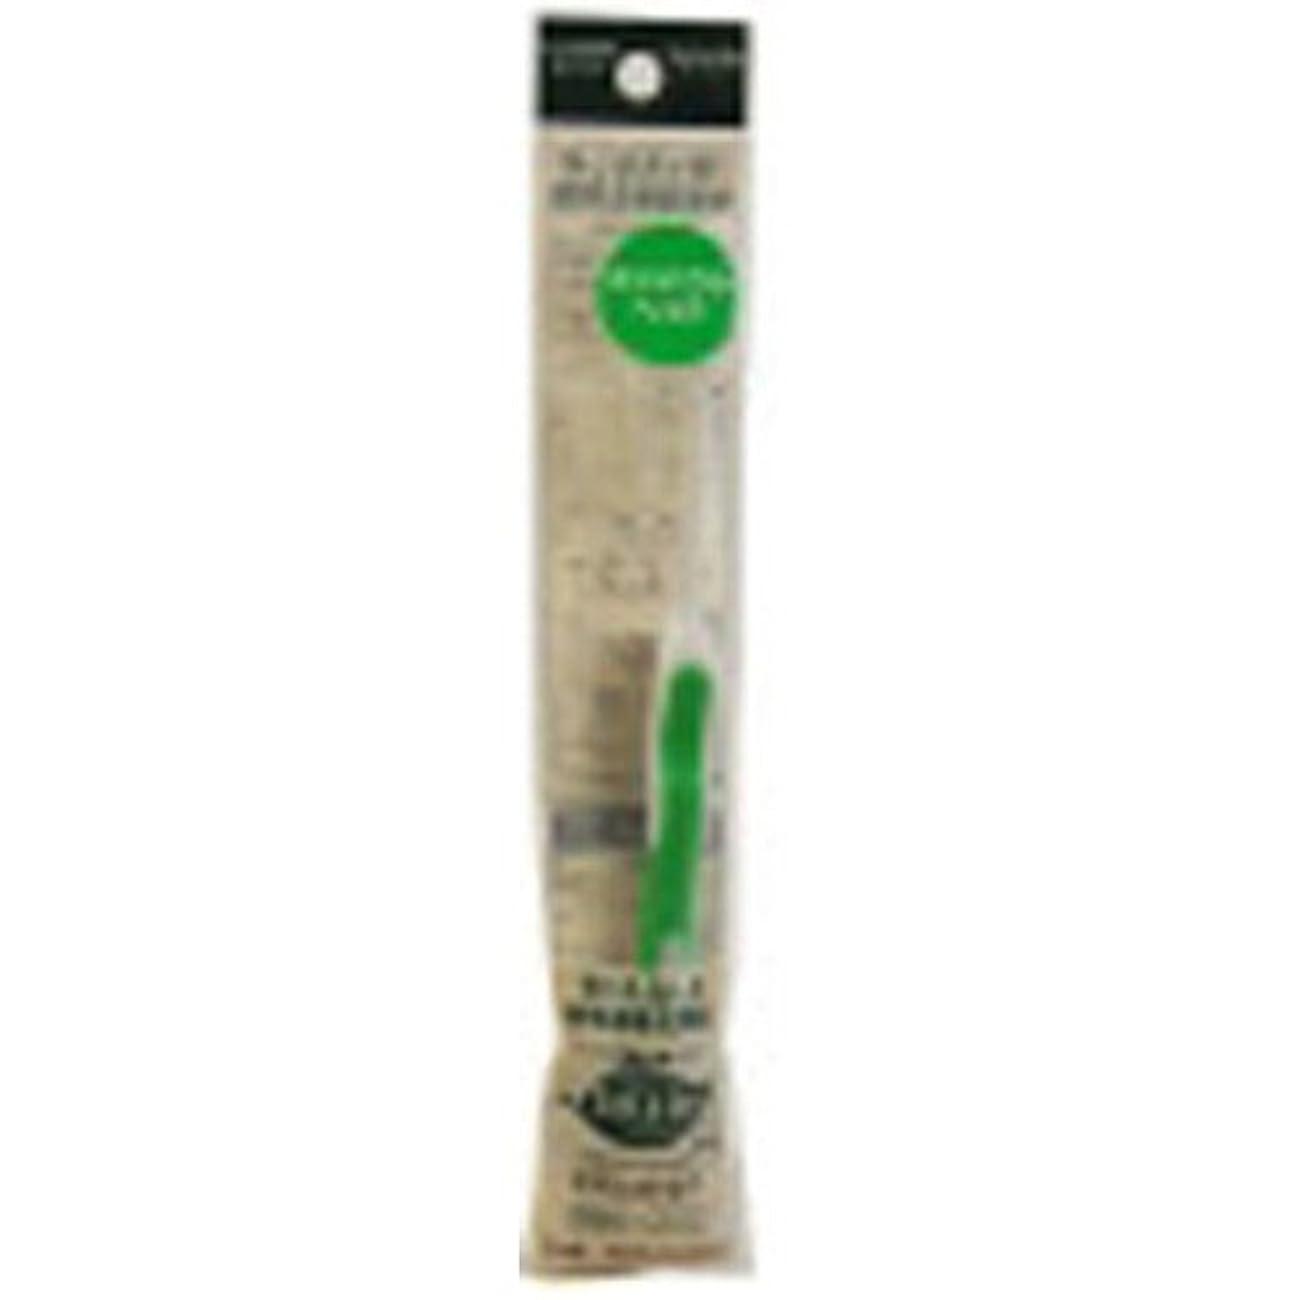 サレド ヘッド交換式歯ブラシ お試しセット コンパクトヘッド グリーン